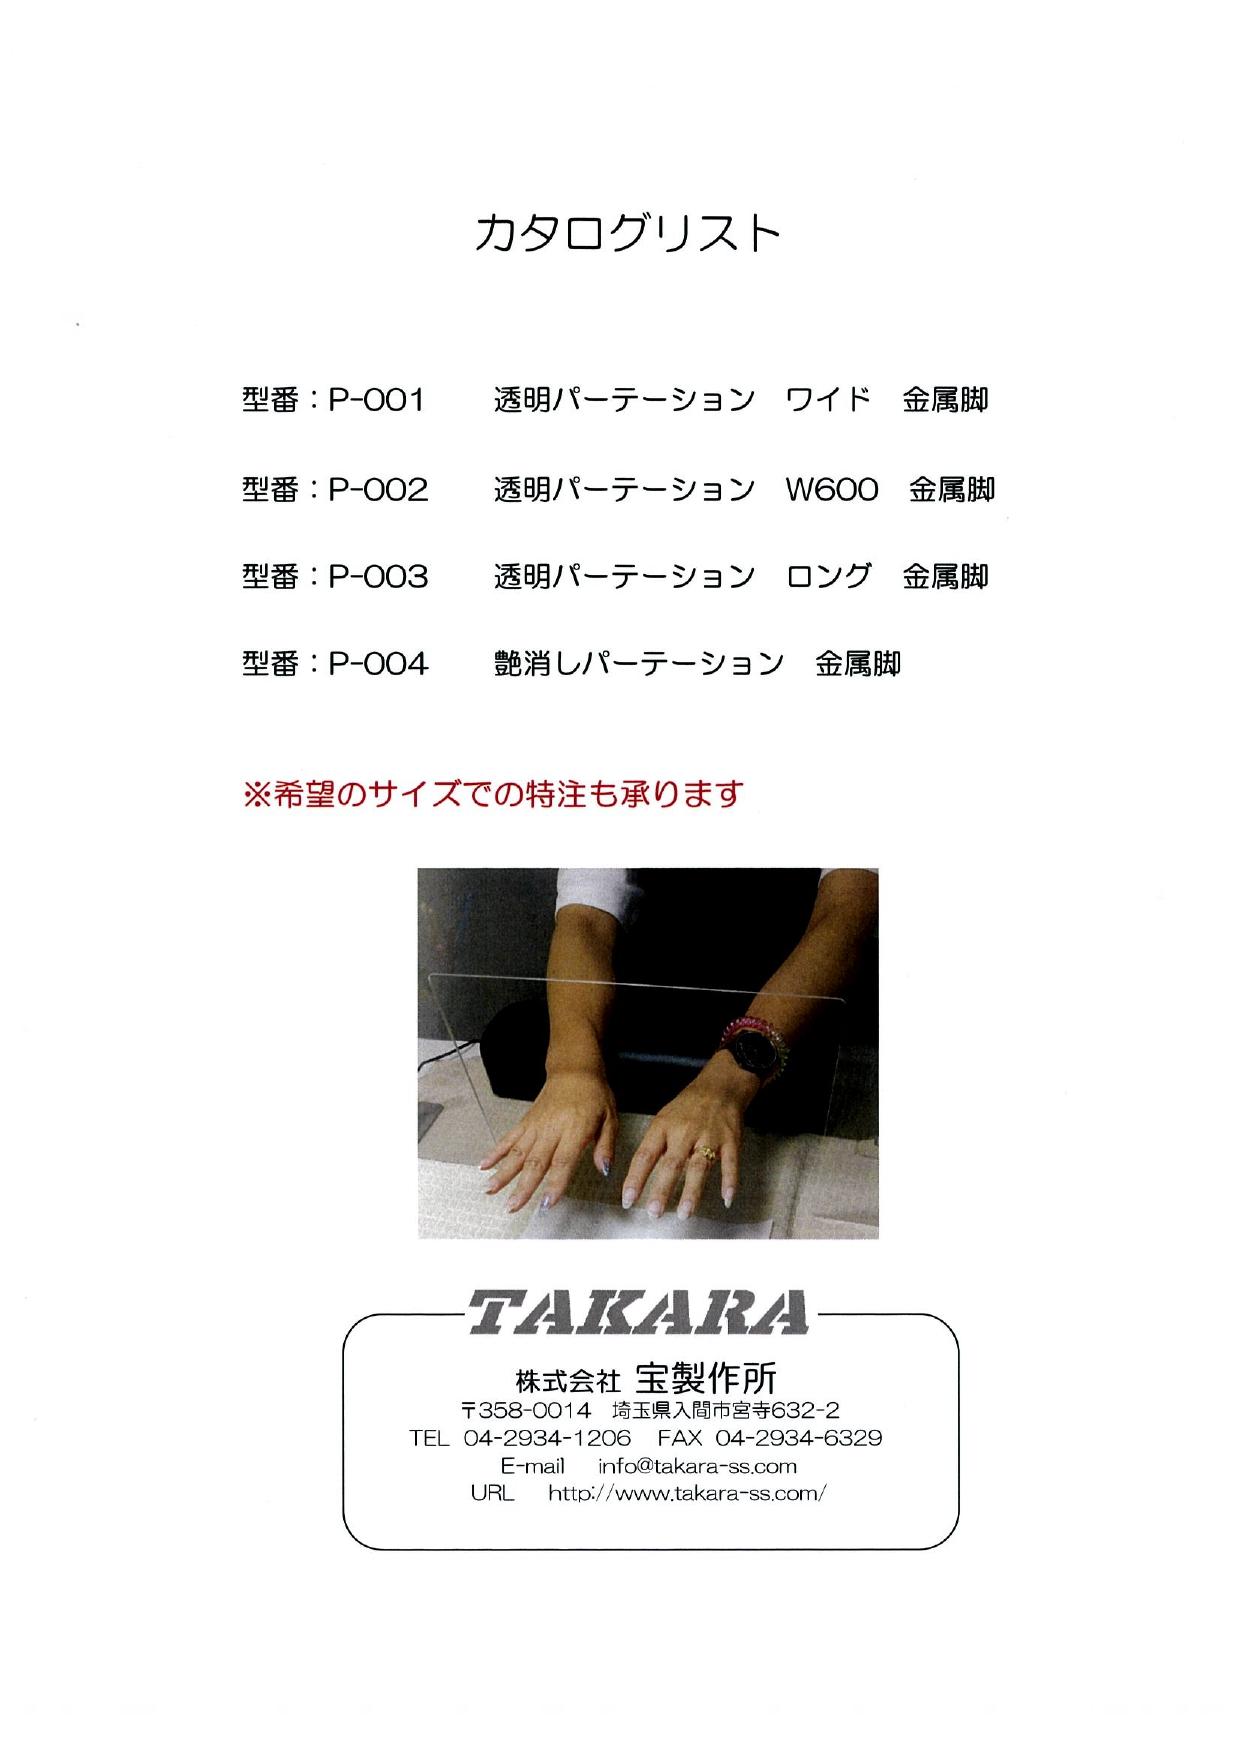 【飛沫防止パーテーションカタログ】_page-0001